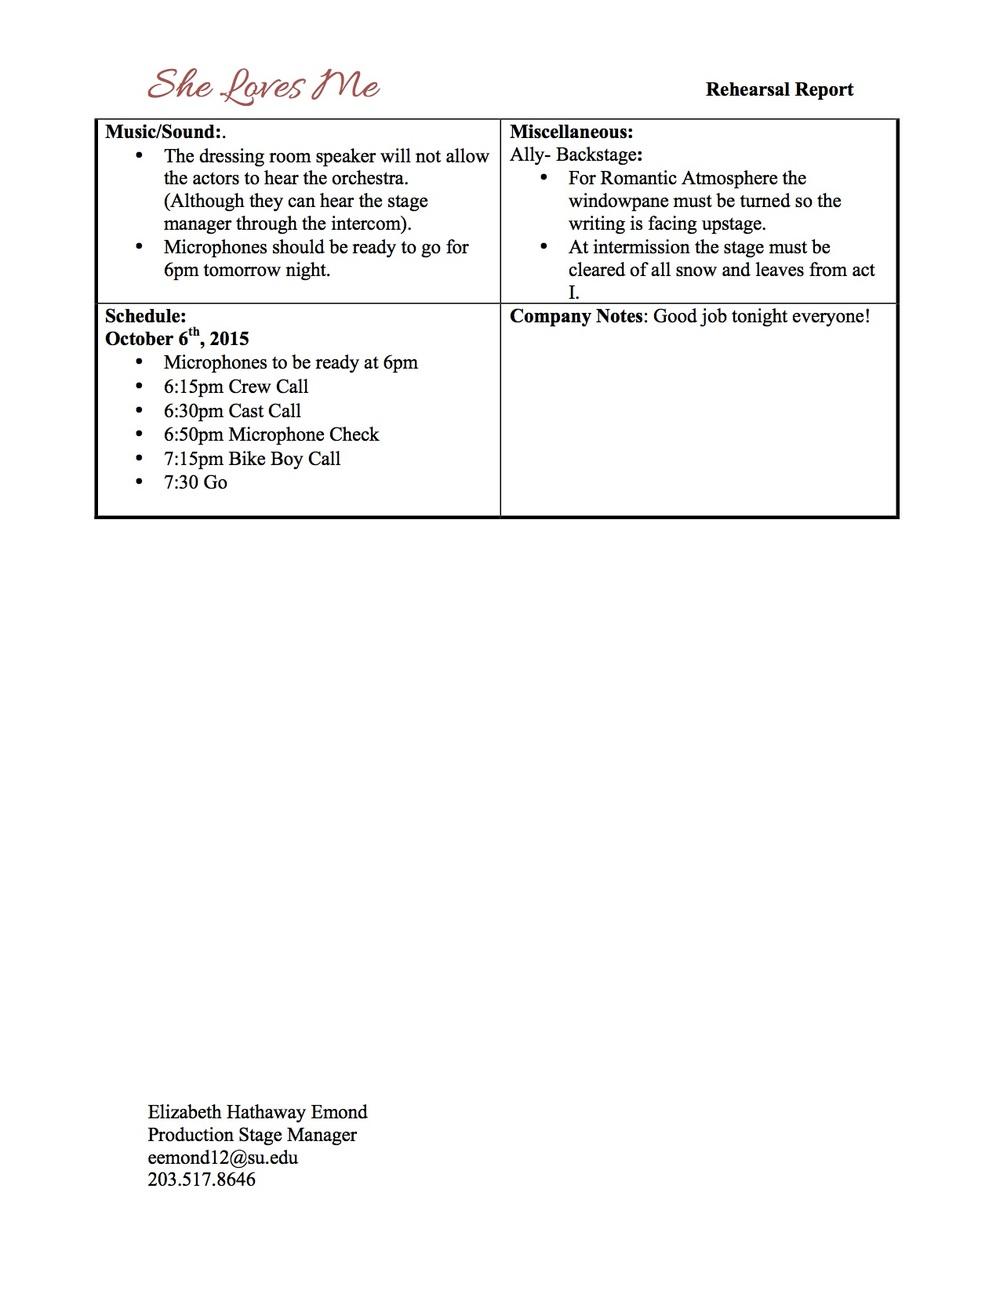 SLM Rehearsal Report